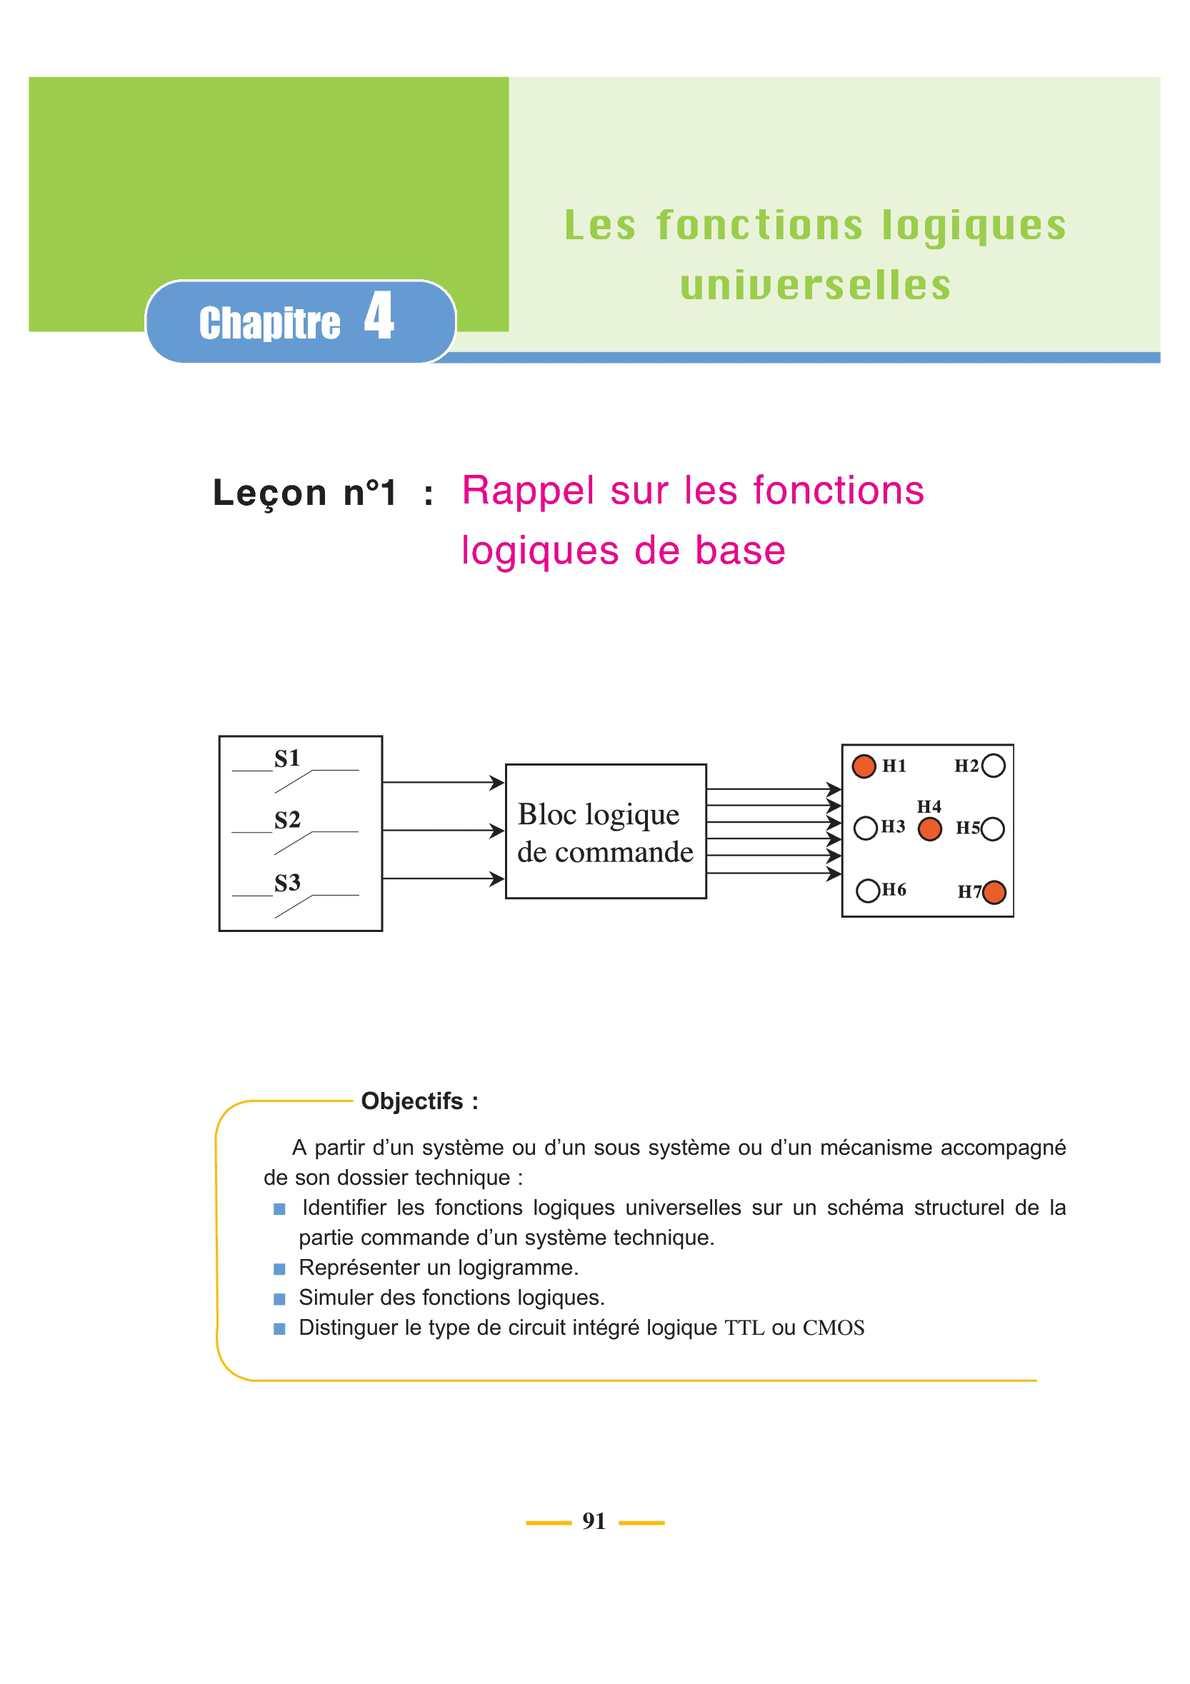 Calam o c c 4 l 1 rappel sur les fonctions logiques de base for Fonction logique de base